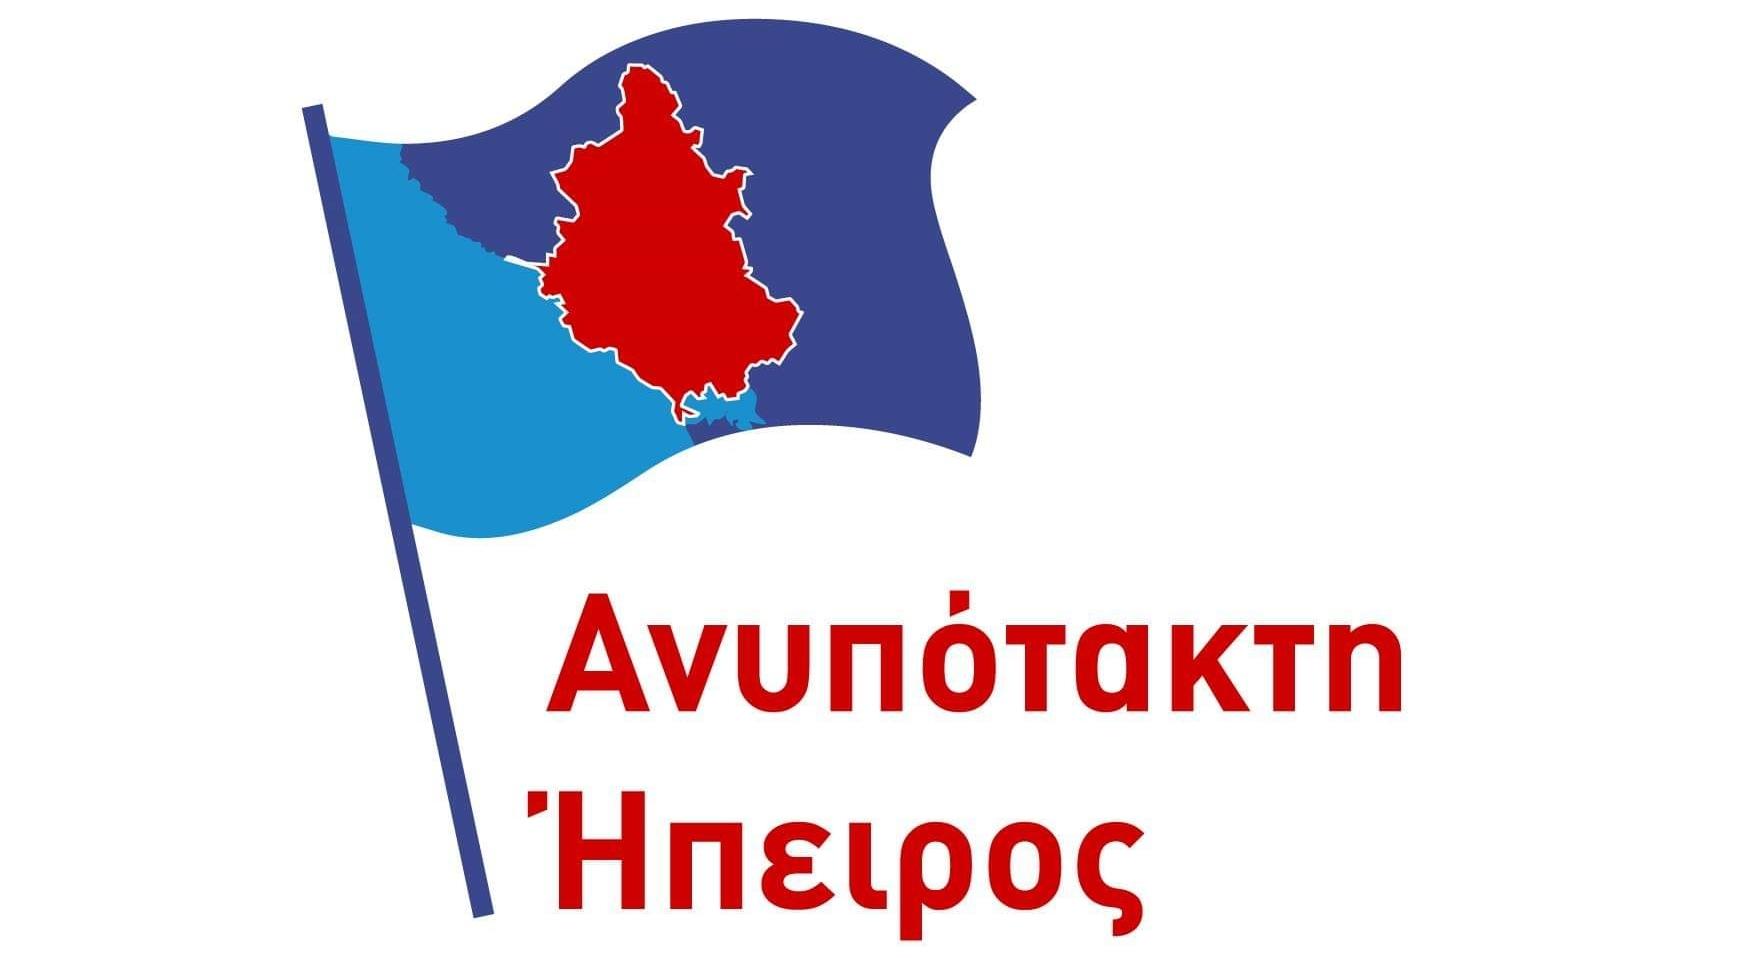 «Ανυπότακτη Ήπειρος», περιφερειακή παράταξη με επικεφαλής τον Κώστα Νουτσόπουλο